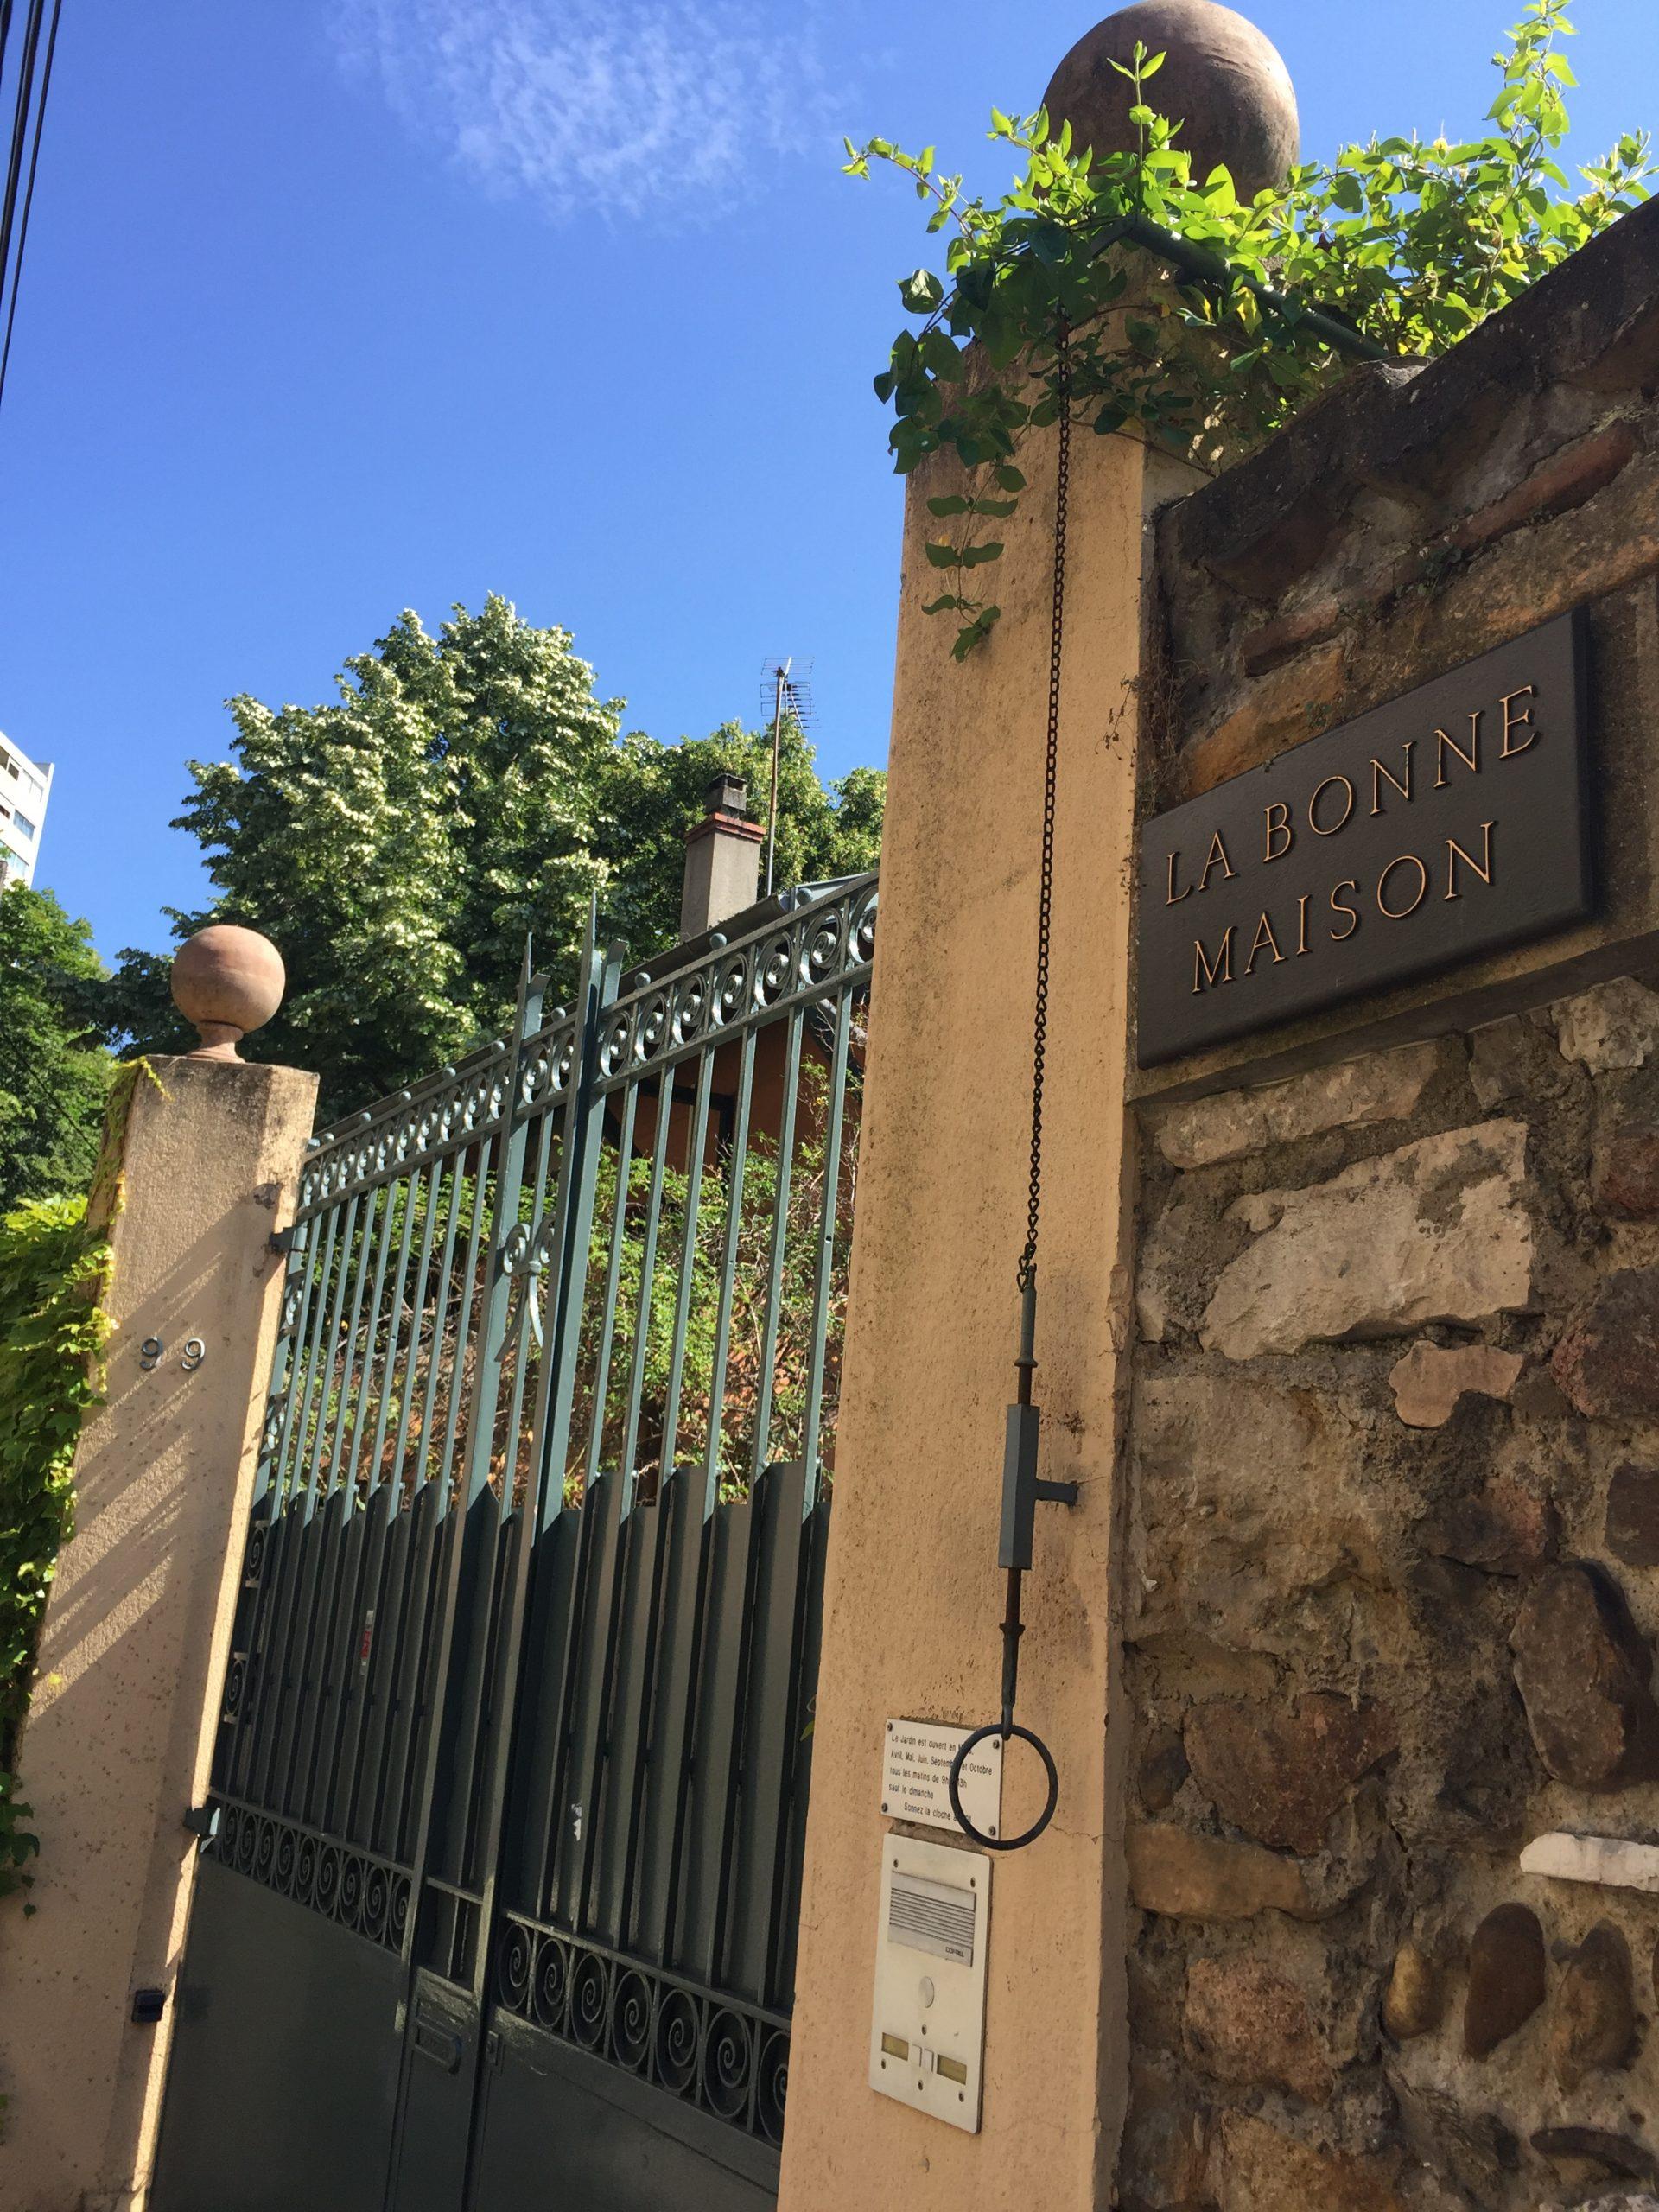 Le jardin La bonne maison